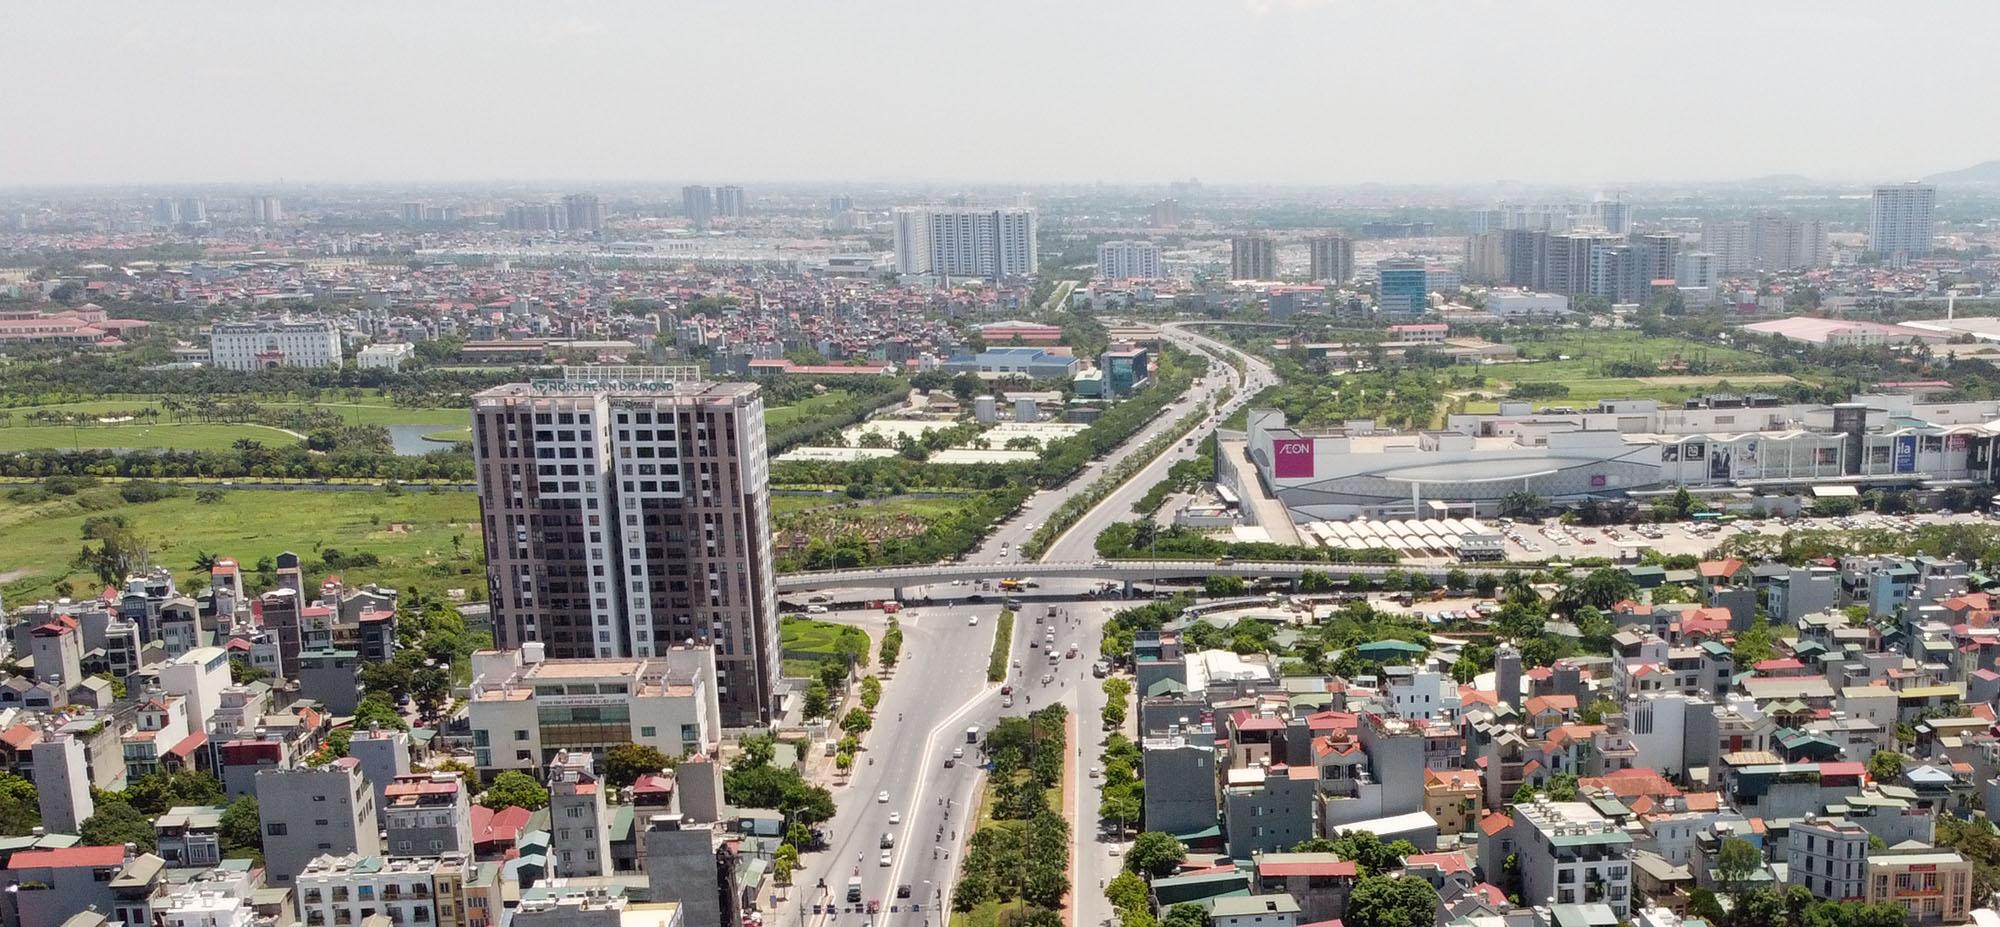 Dự án Le Grand Jardin đang mở bán: Nằm gần hai tuyến metro, giá 26 - 29 triệu đồng/m2 - Ảnh 13.